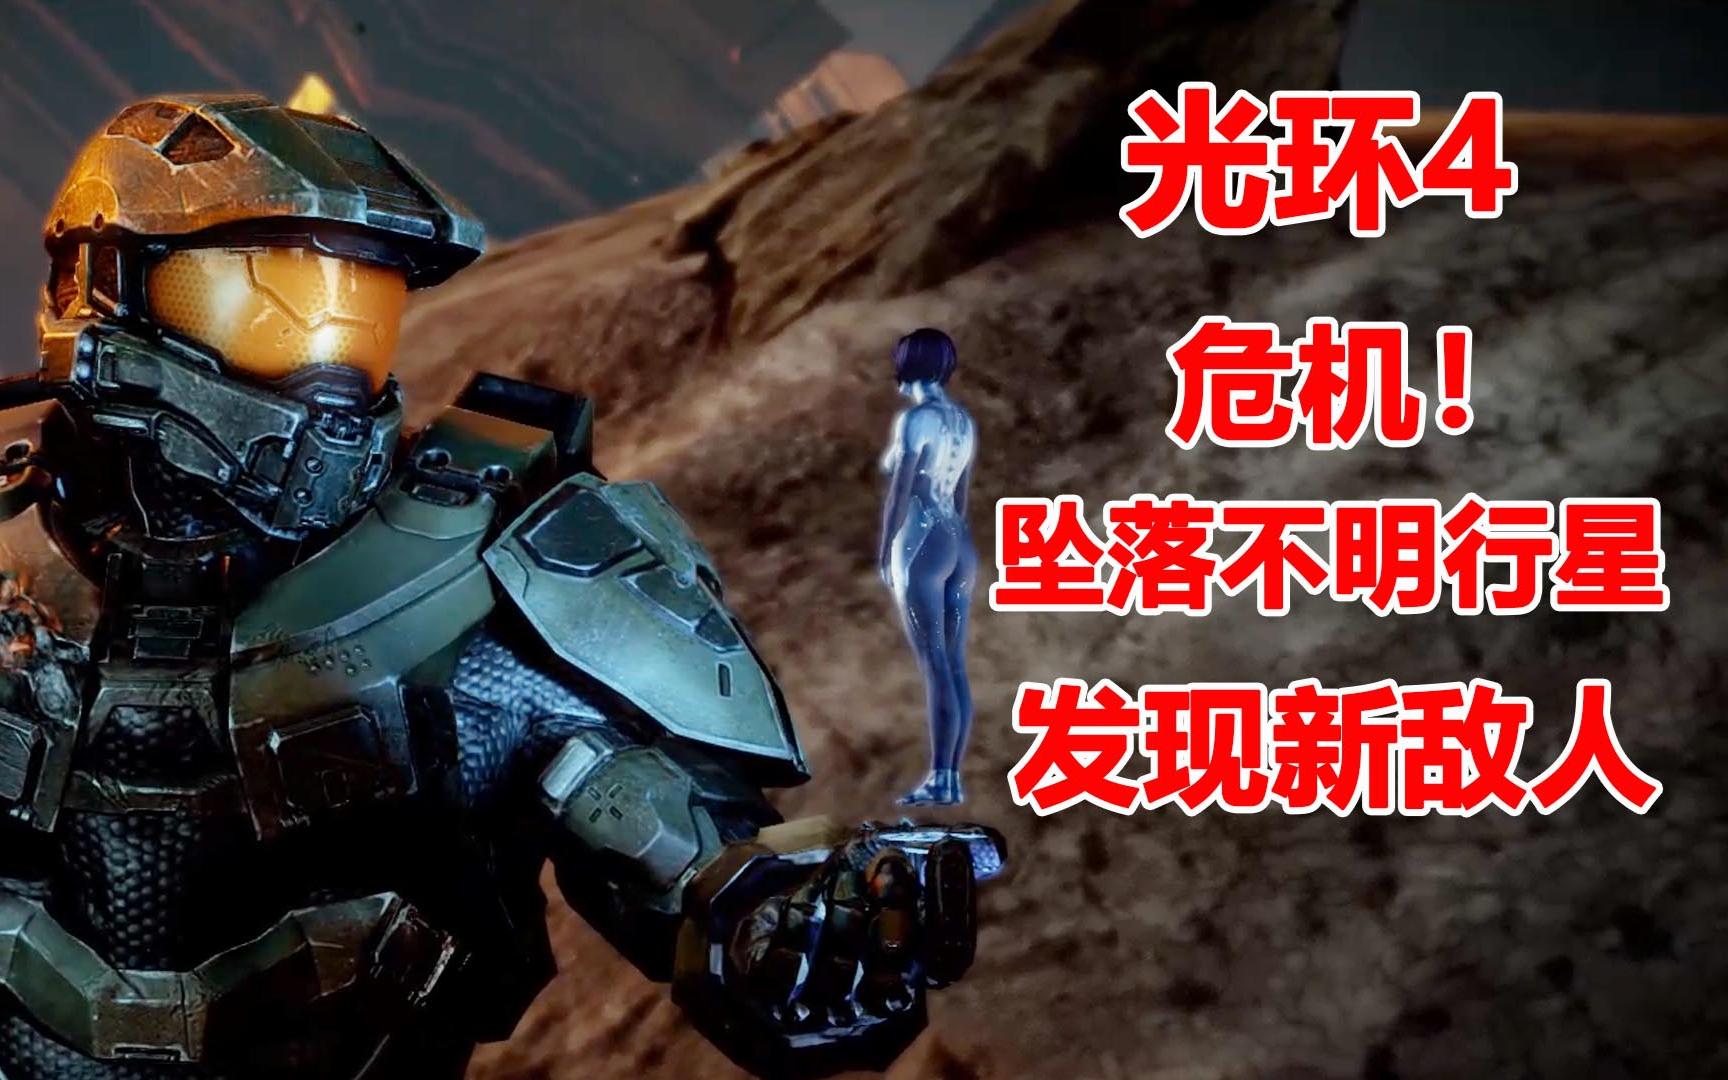 光环4:危机!坠落不明行星进行探索,发现前所未有出现过的敌人